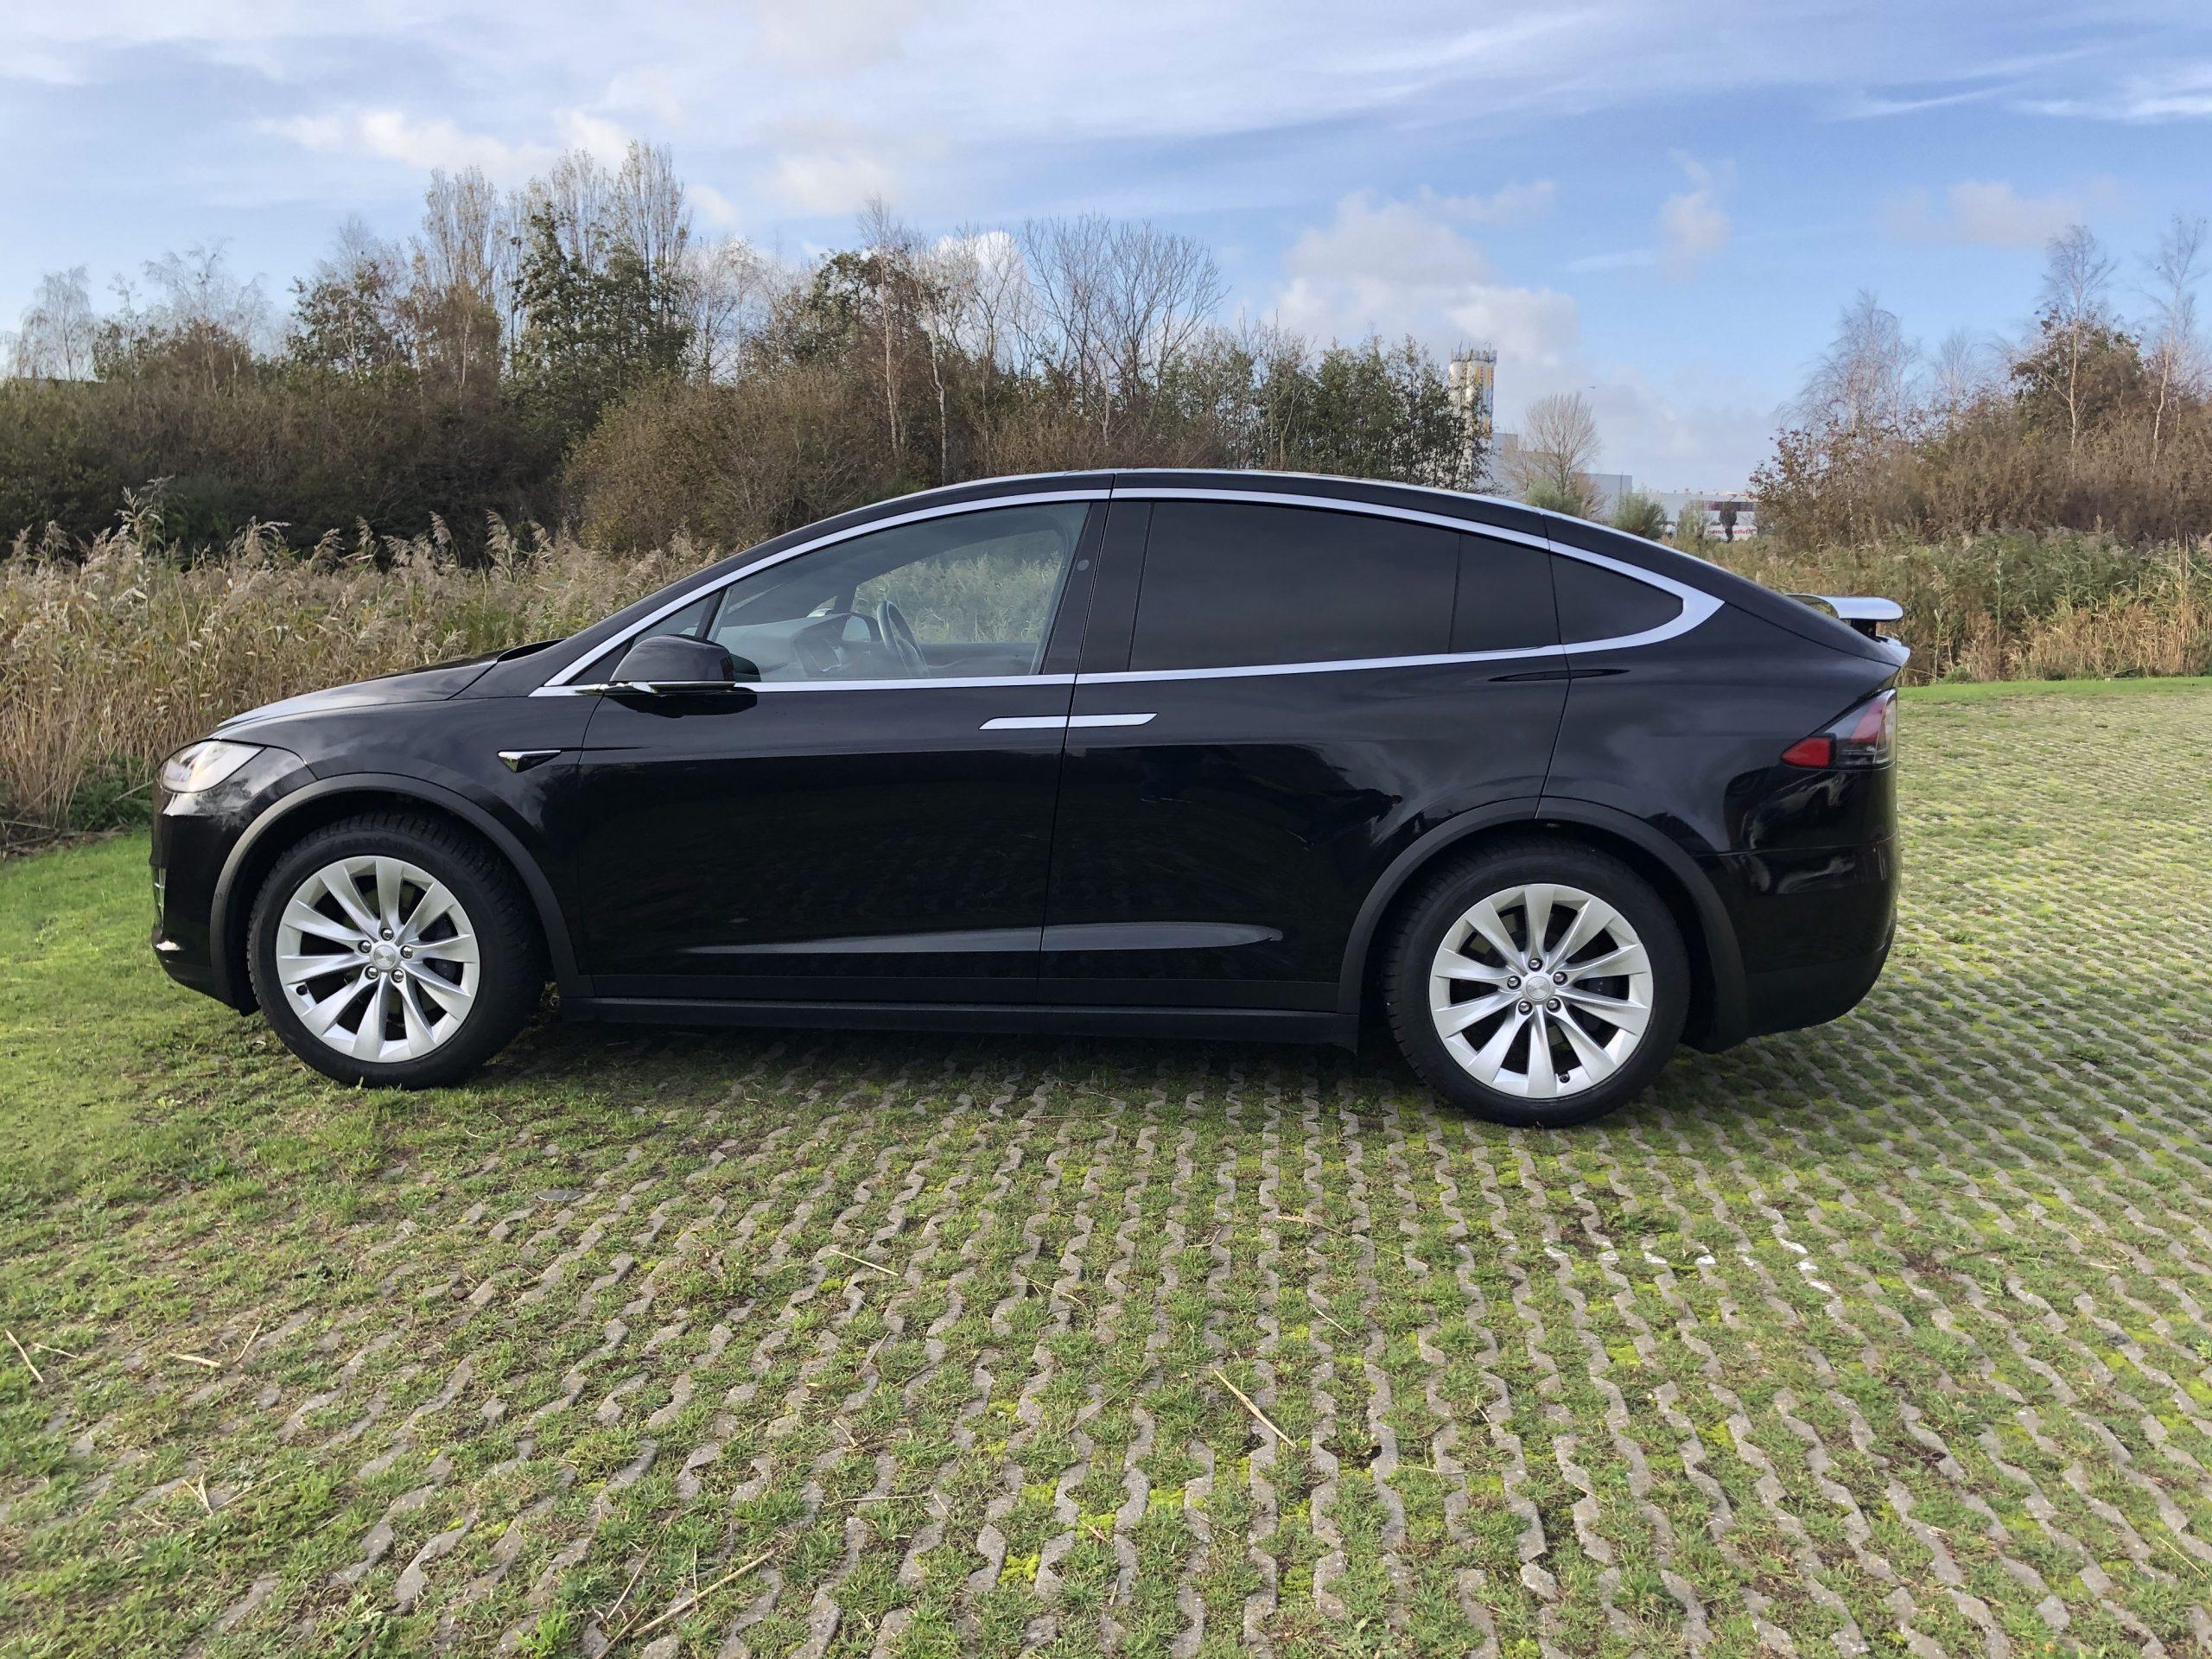 Tesla Model X 100kWh All-Wheel Drive 5d (4% bijtelling over de volledige fiscale waarde + gratis superchargen!)